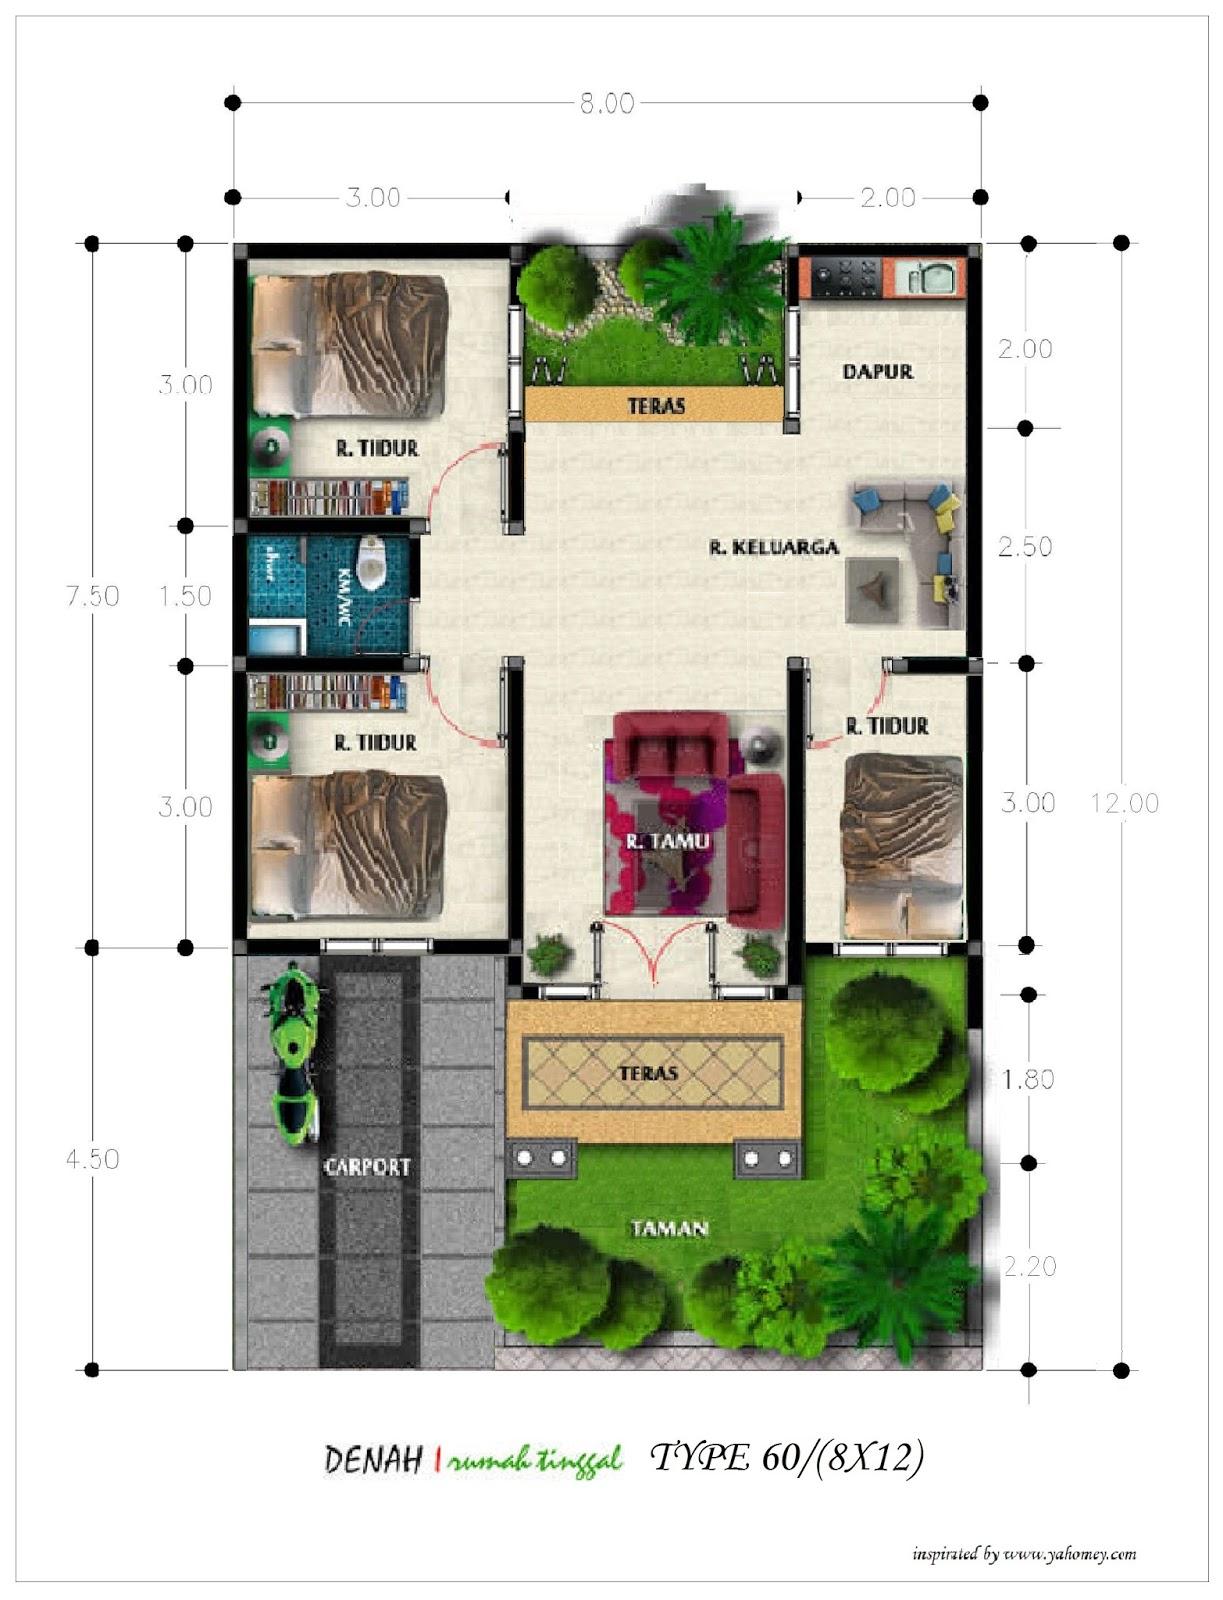 Desain Interior Rumah Ukuran 7x15 Gambar Minimalis